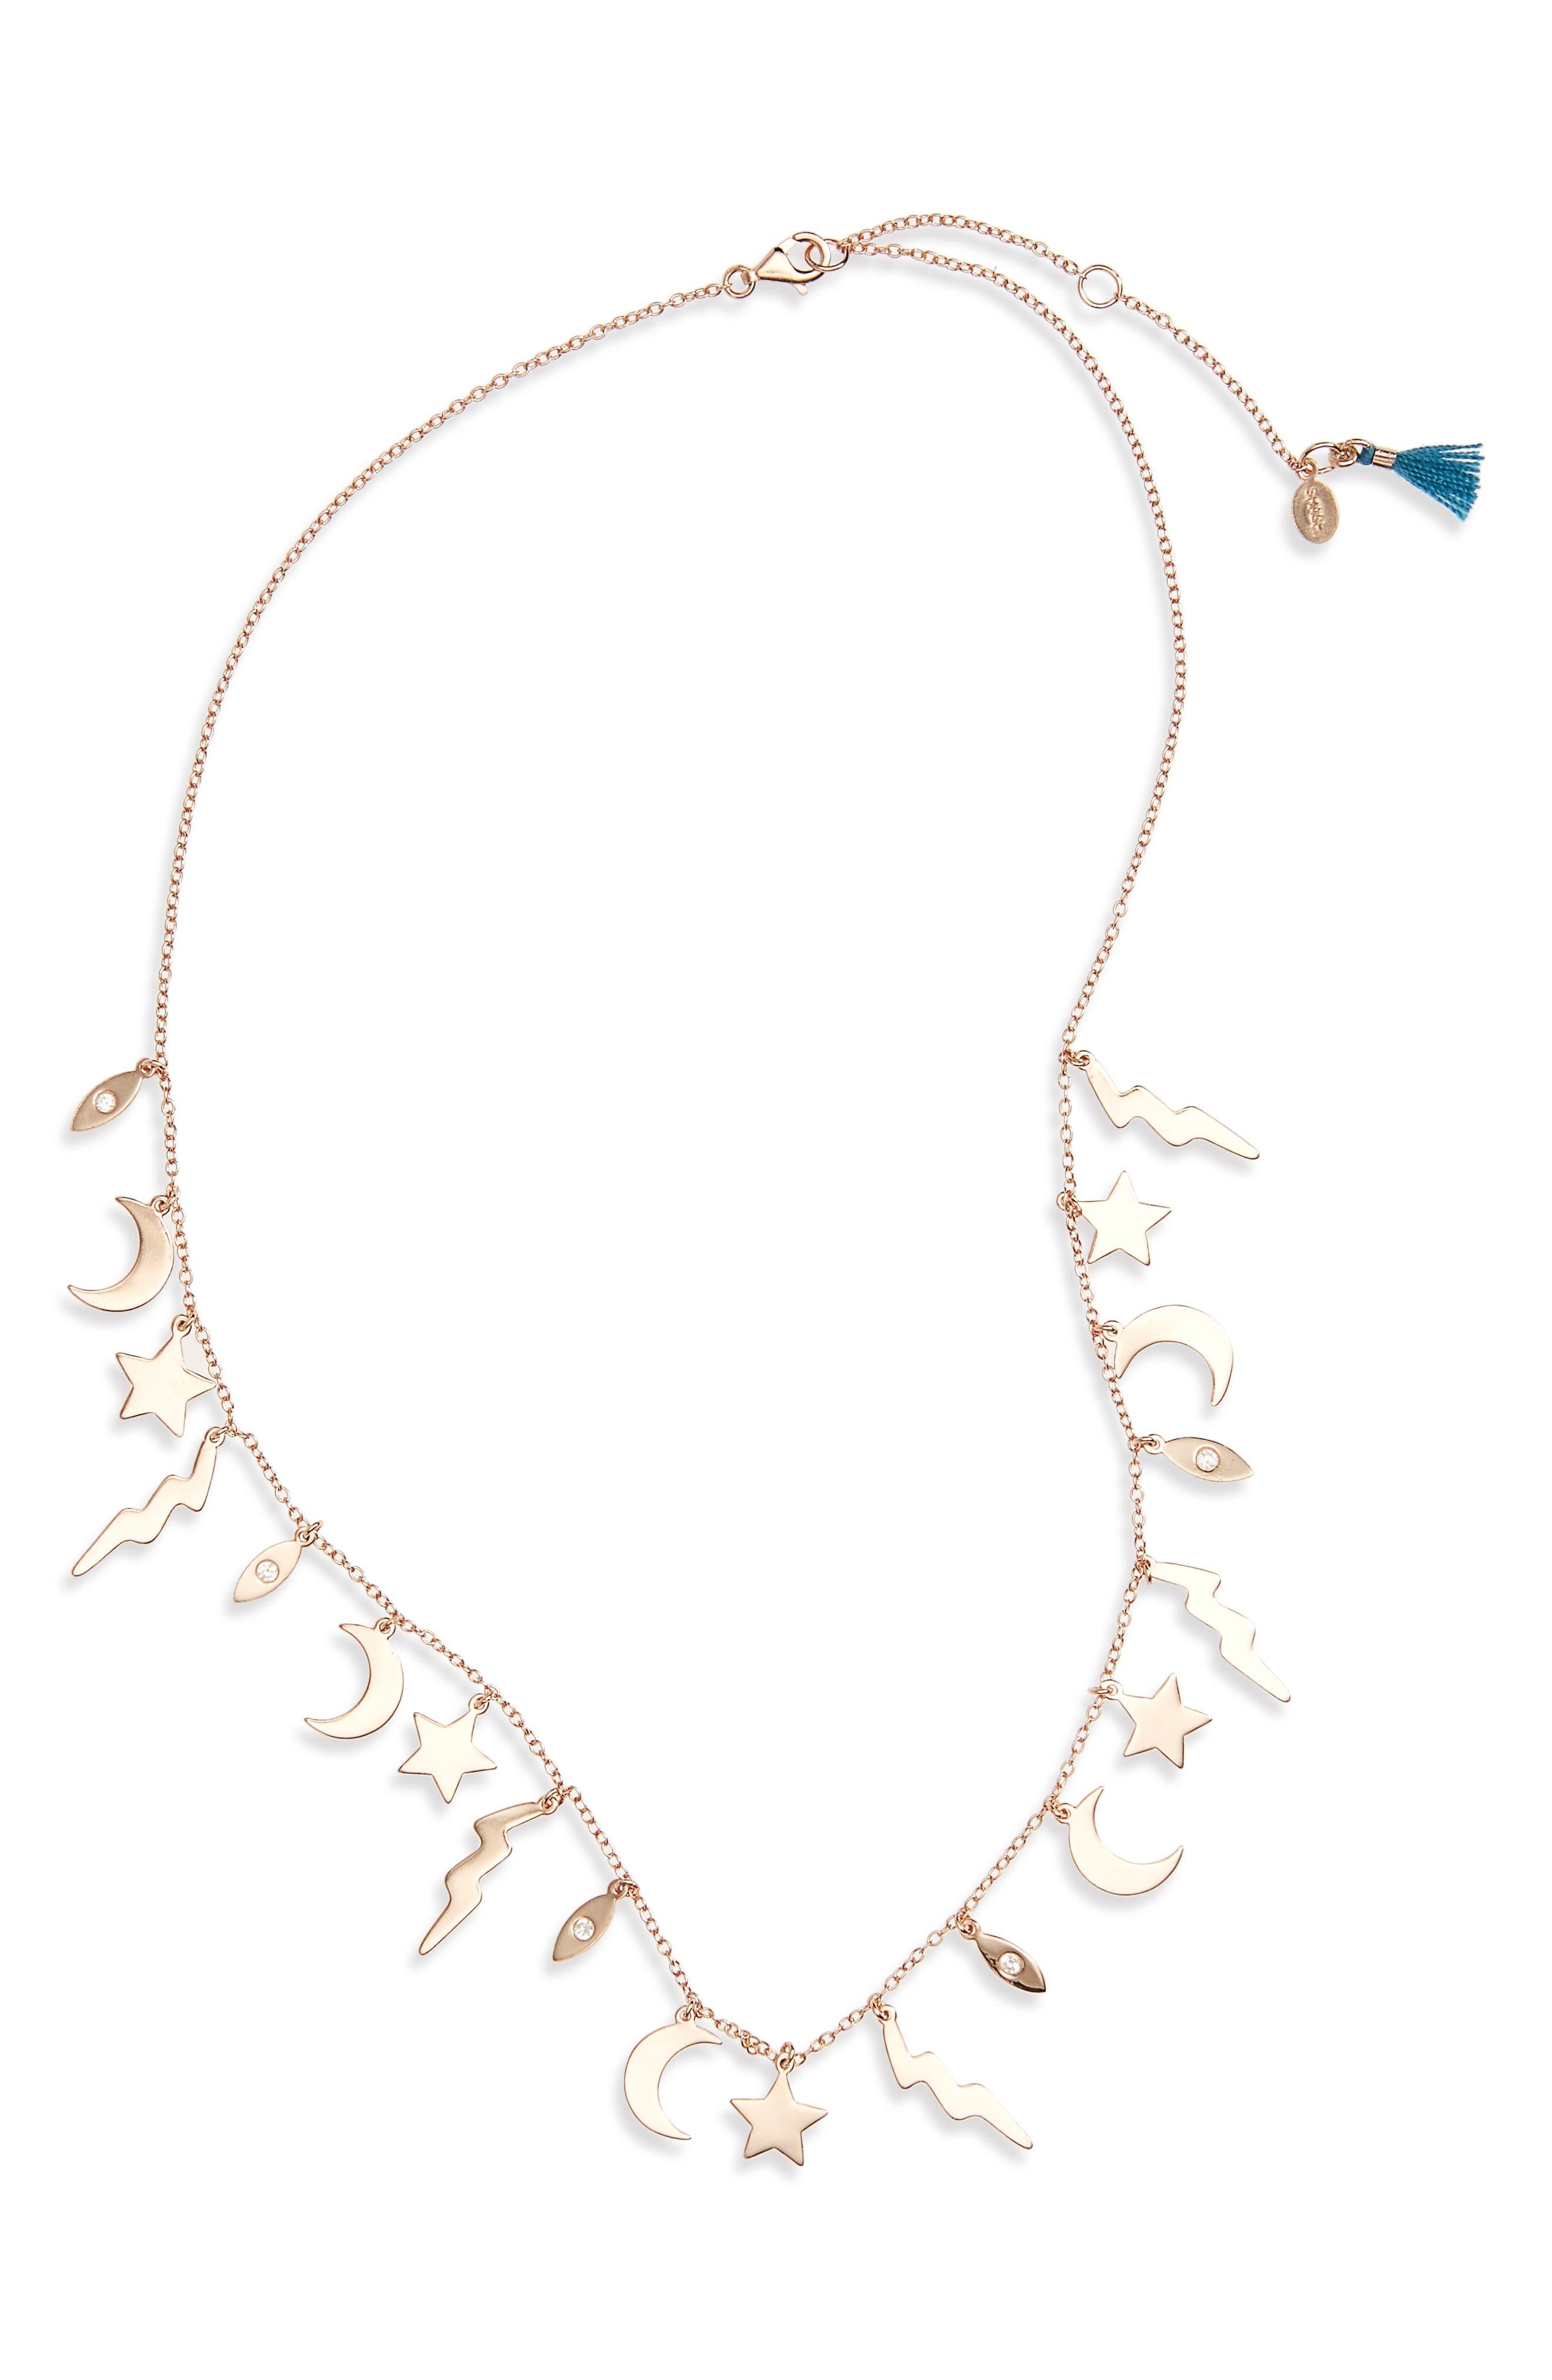 Main Image - Shashi Multi Charm Necklace